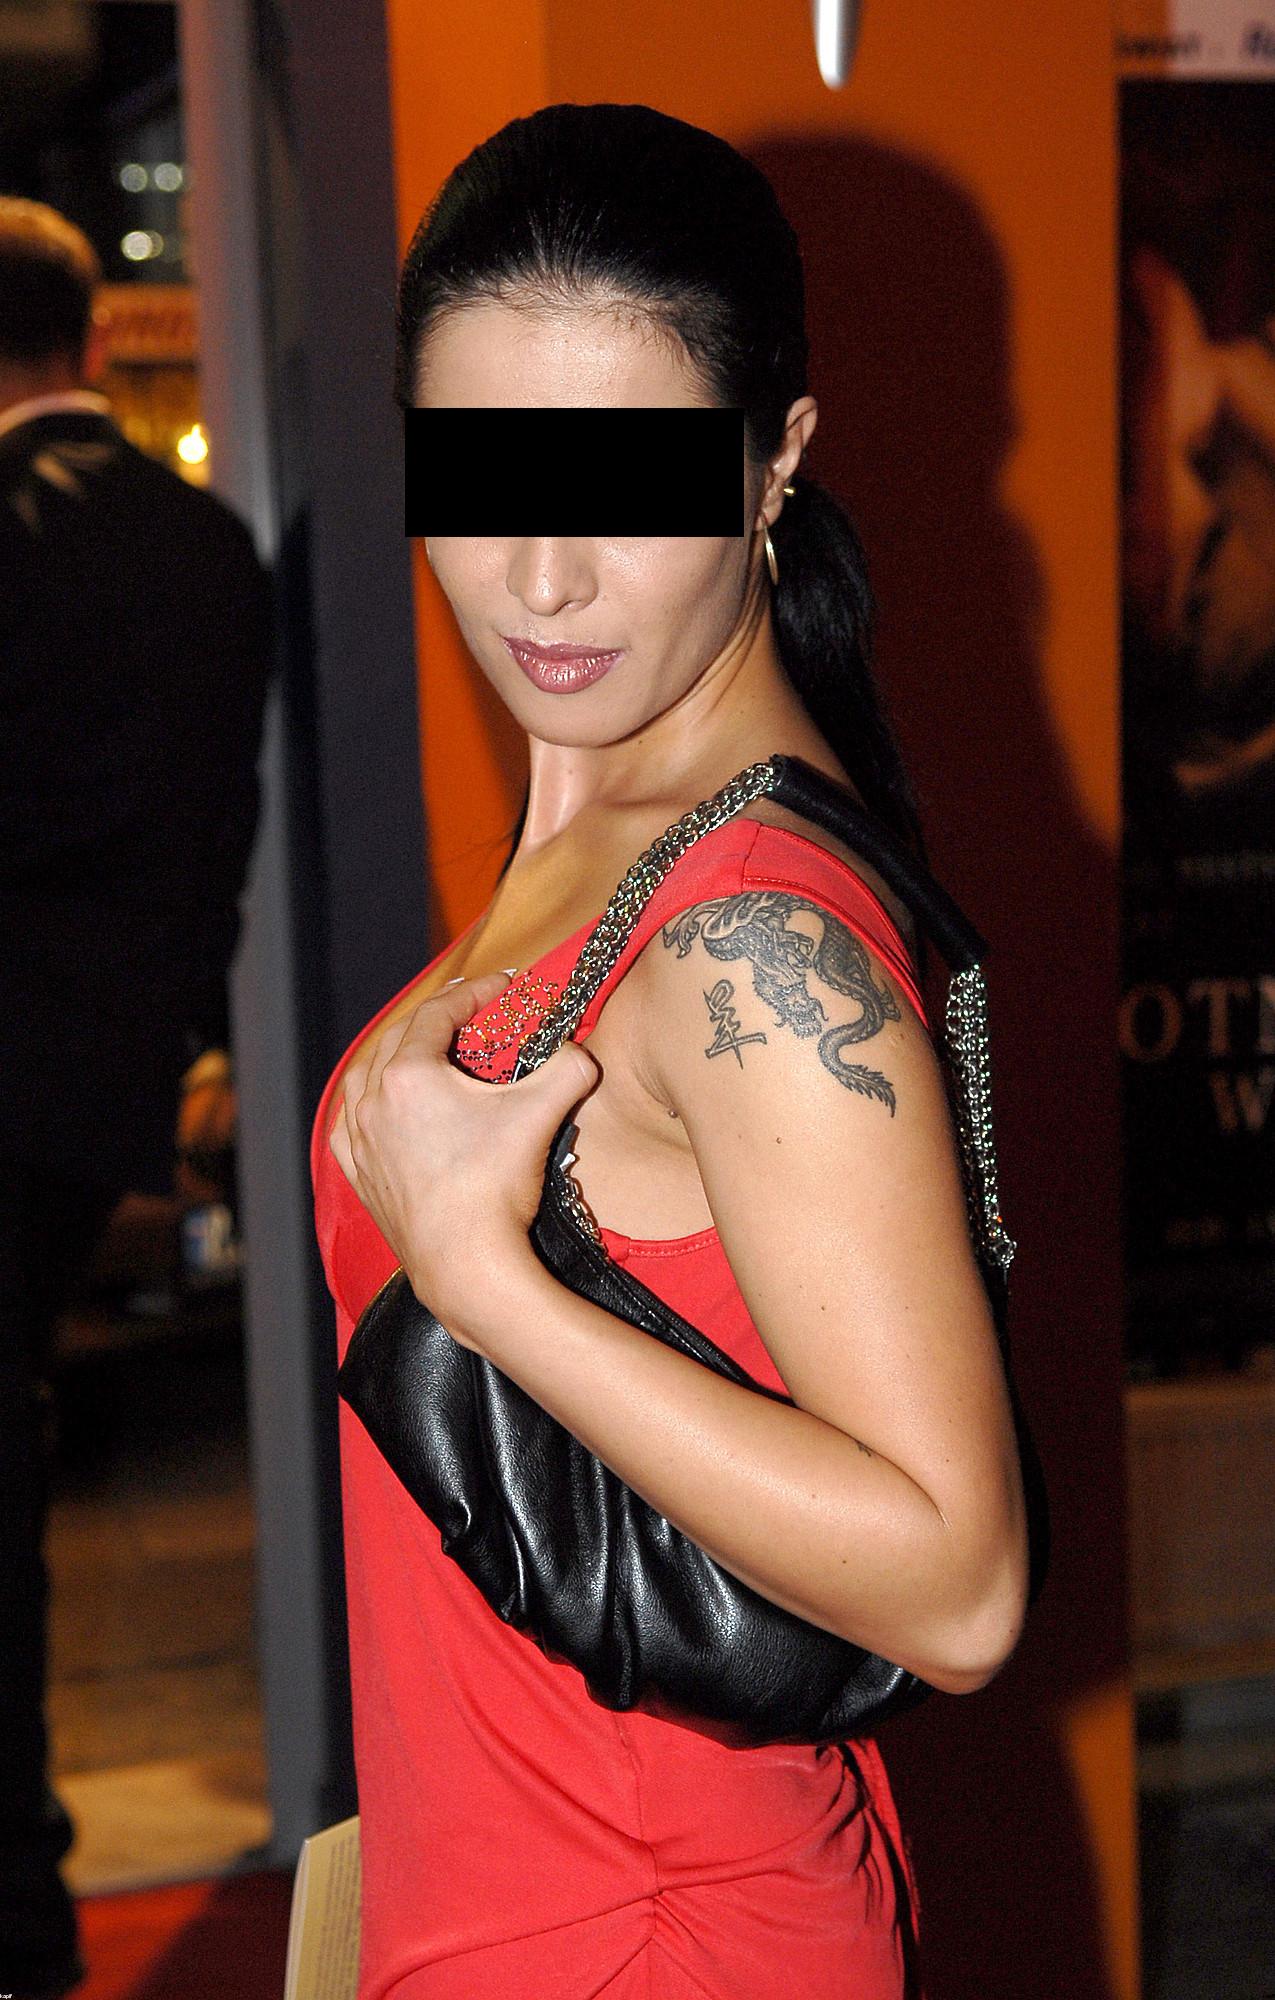 Izabela M. - fotomodelka z Tańca z gwiazdami, wpadła w ręce policji